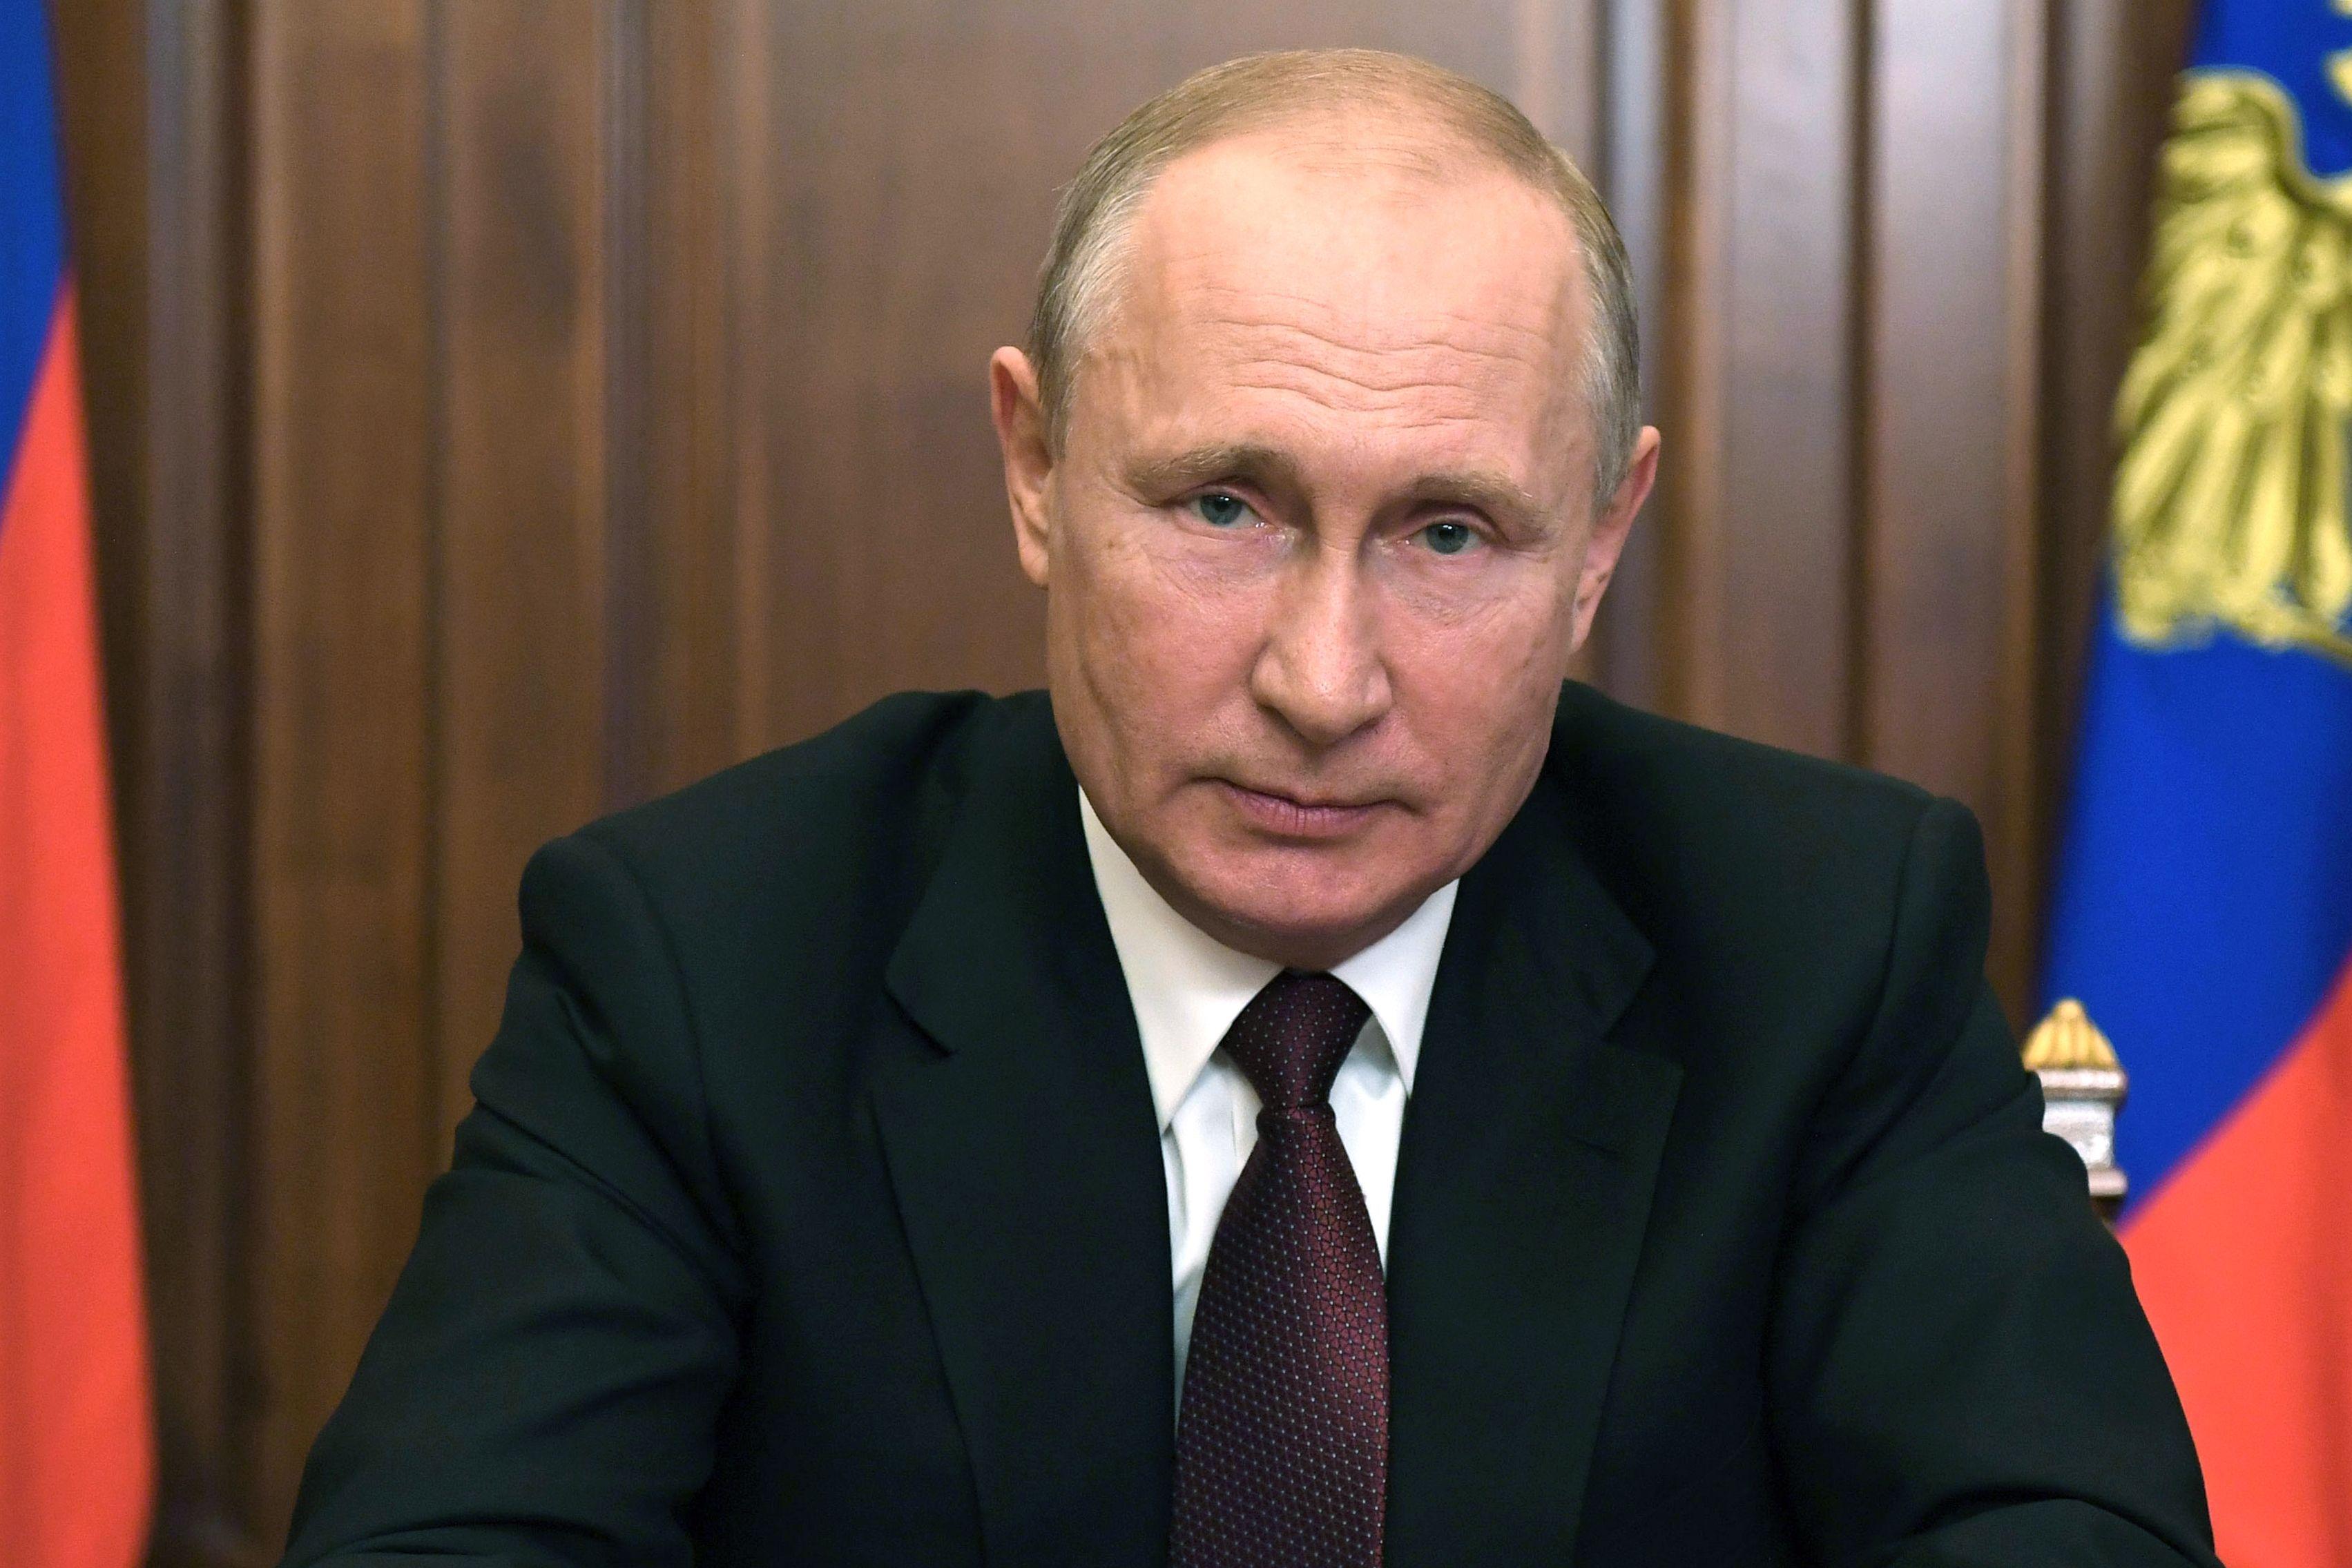 Владимир Путин: Мы научились бережнее относиться друг к другу